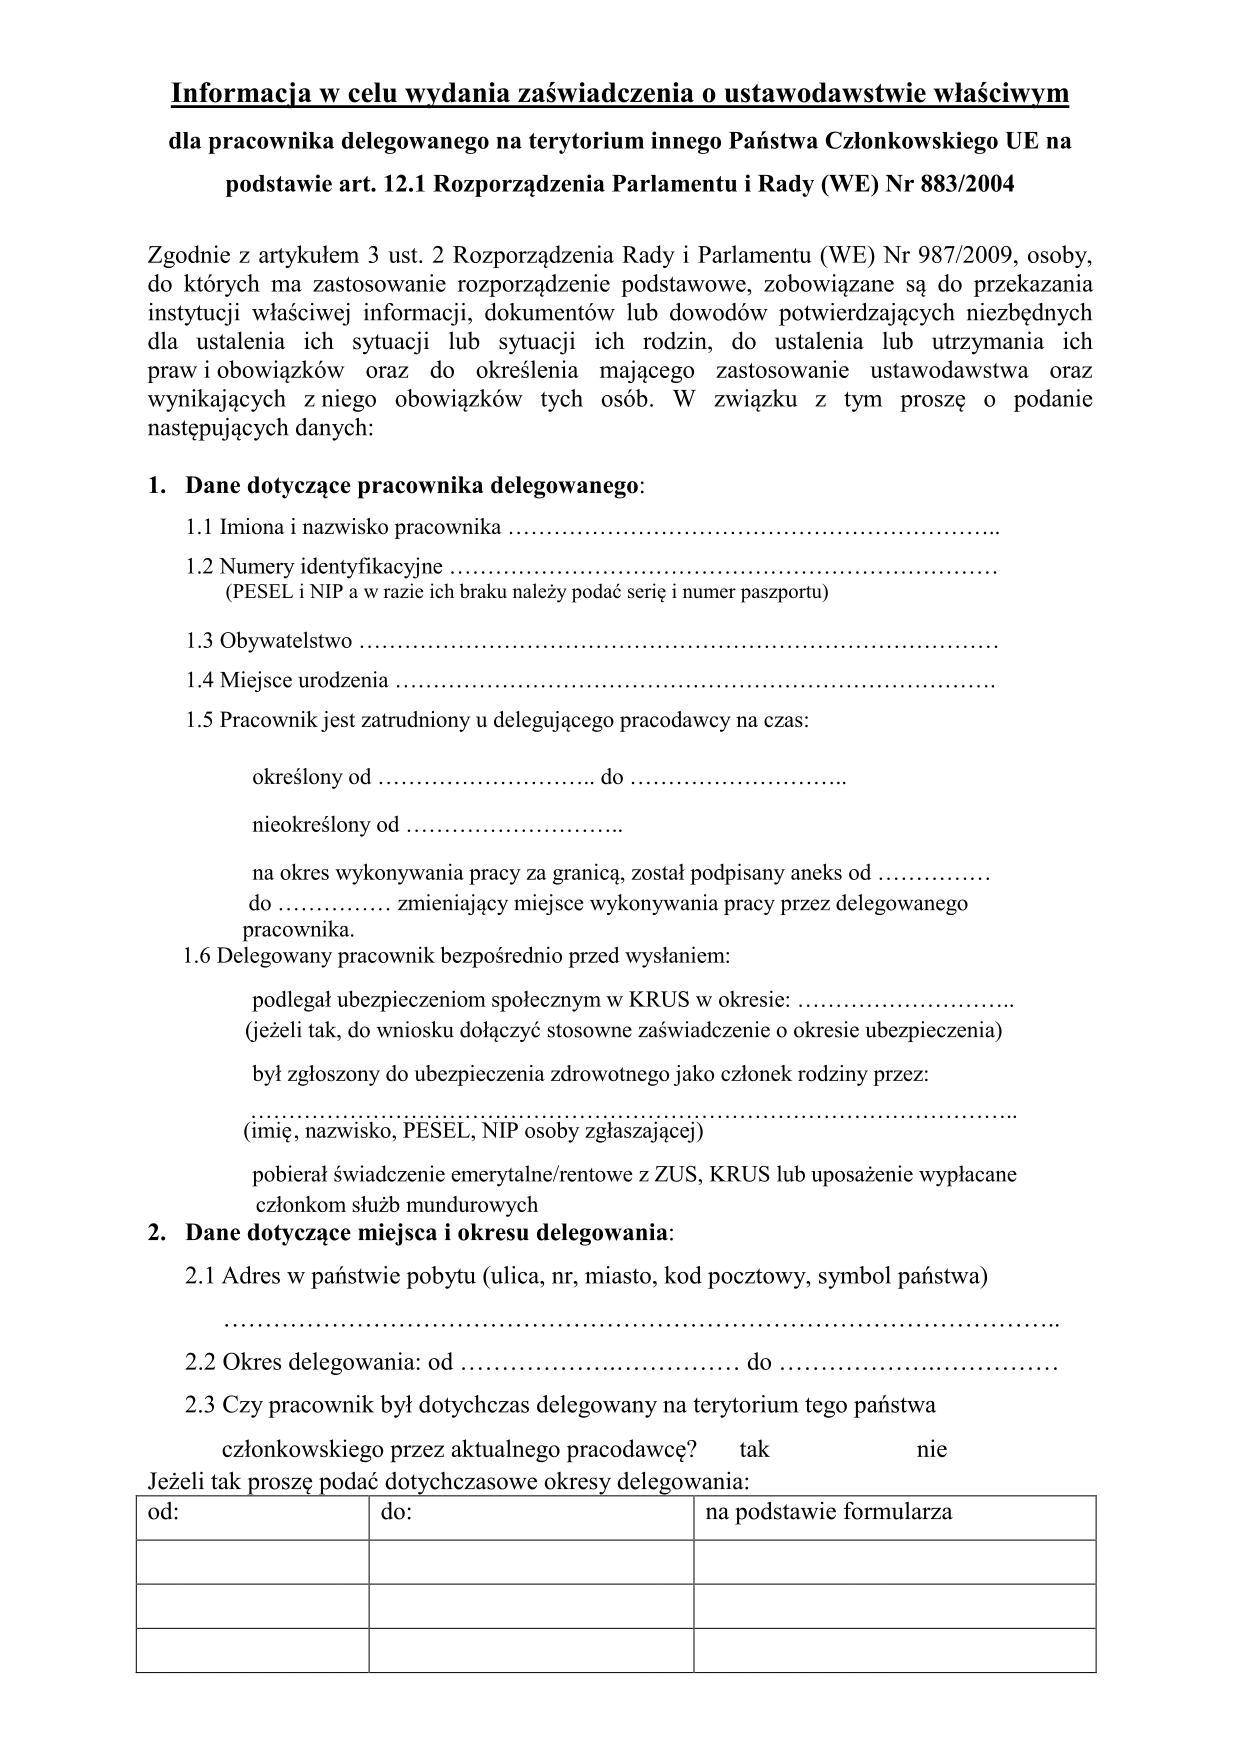 ZUS UWPD Wniosek o zaświadczenie A1 - pracownik delegowany